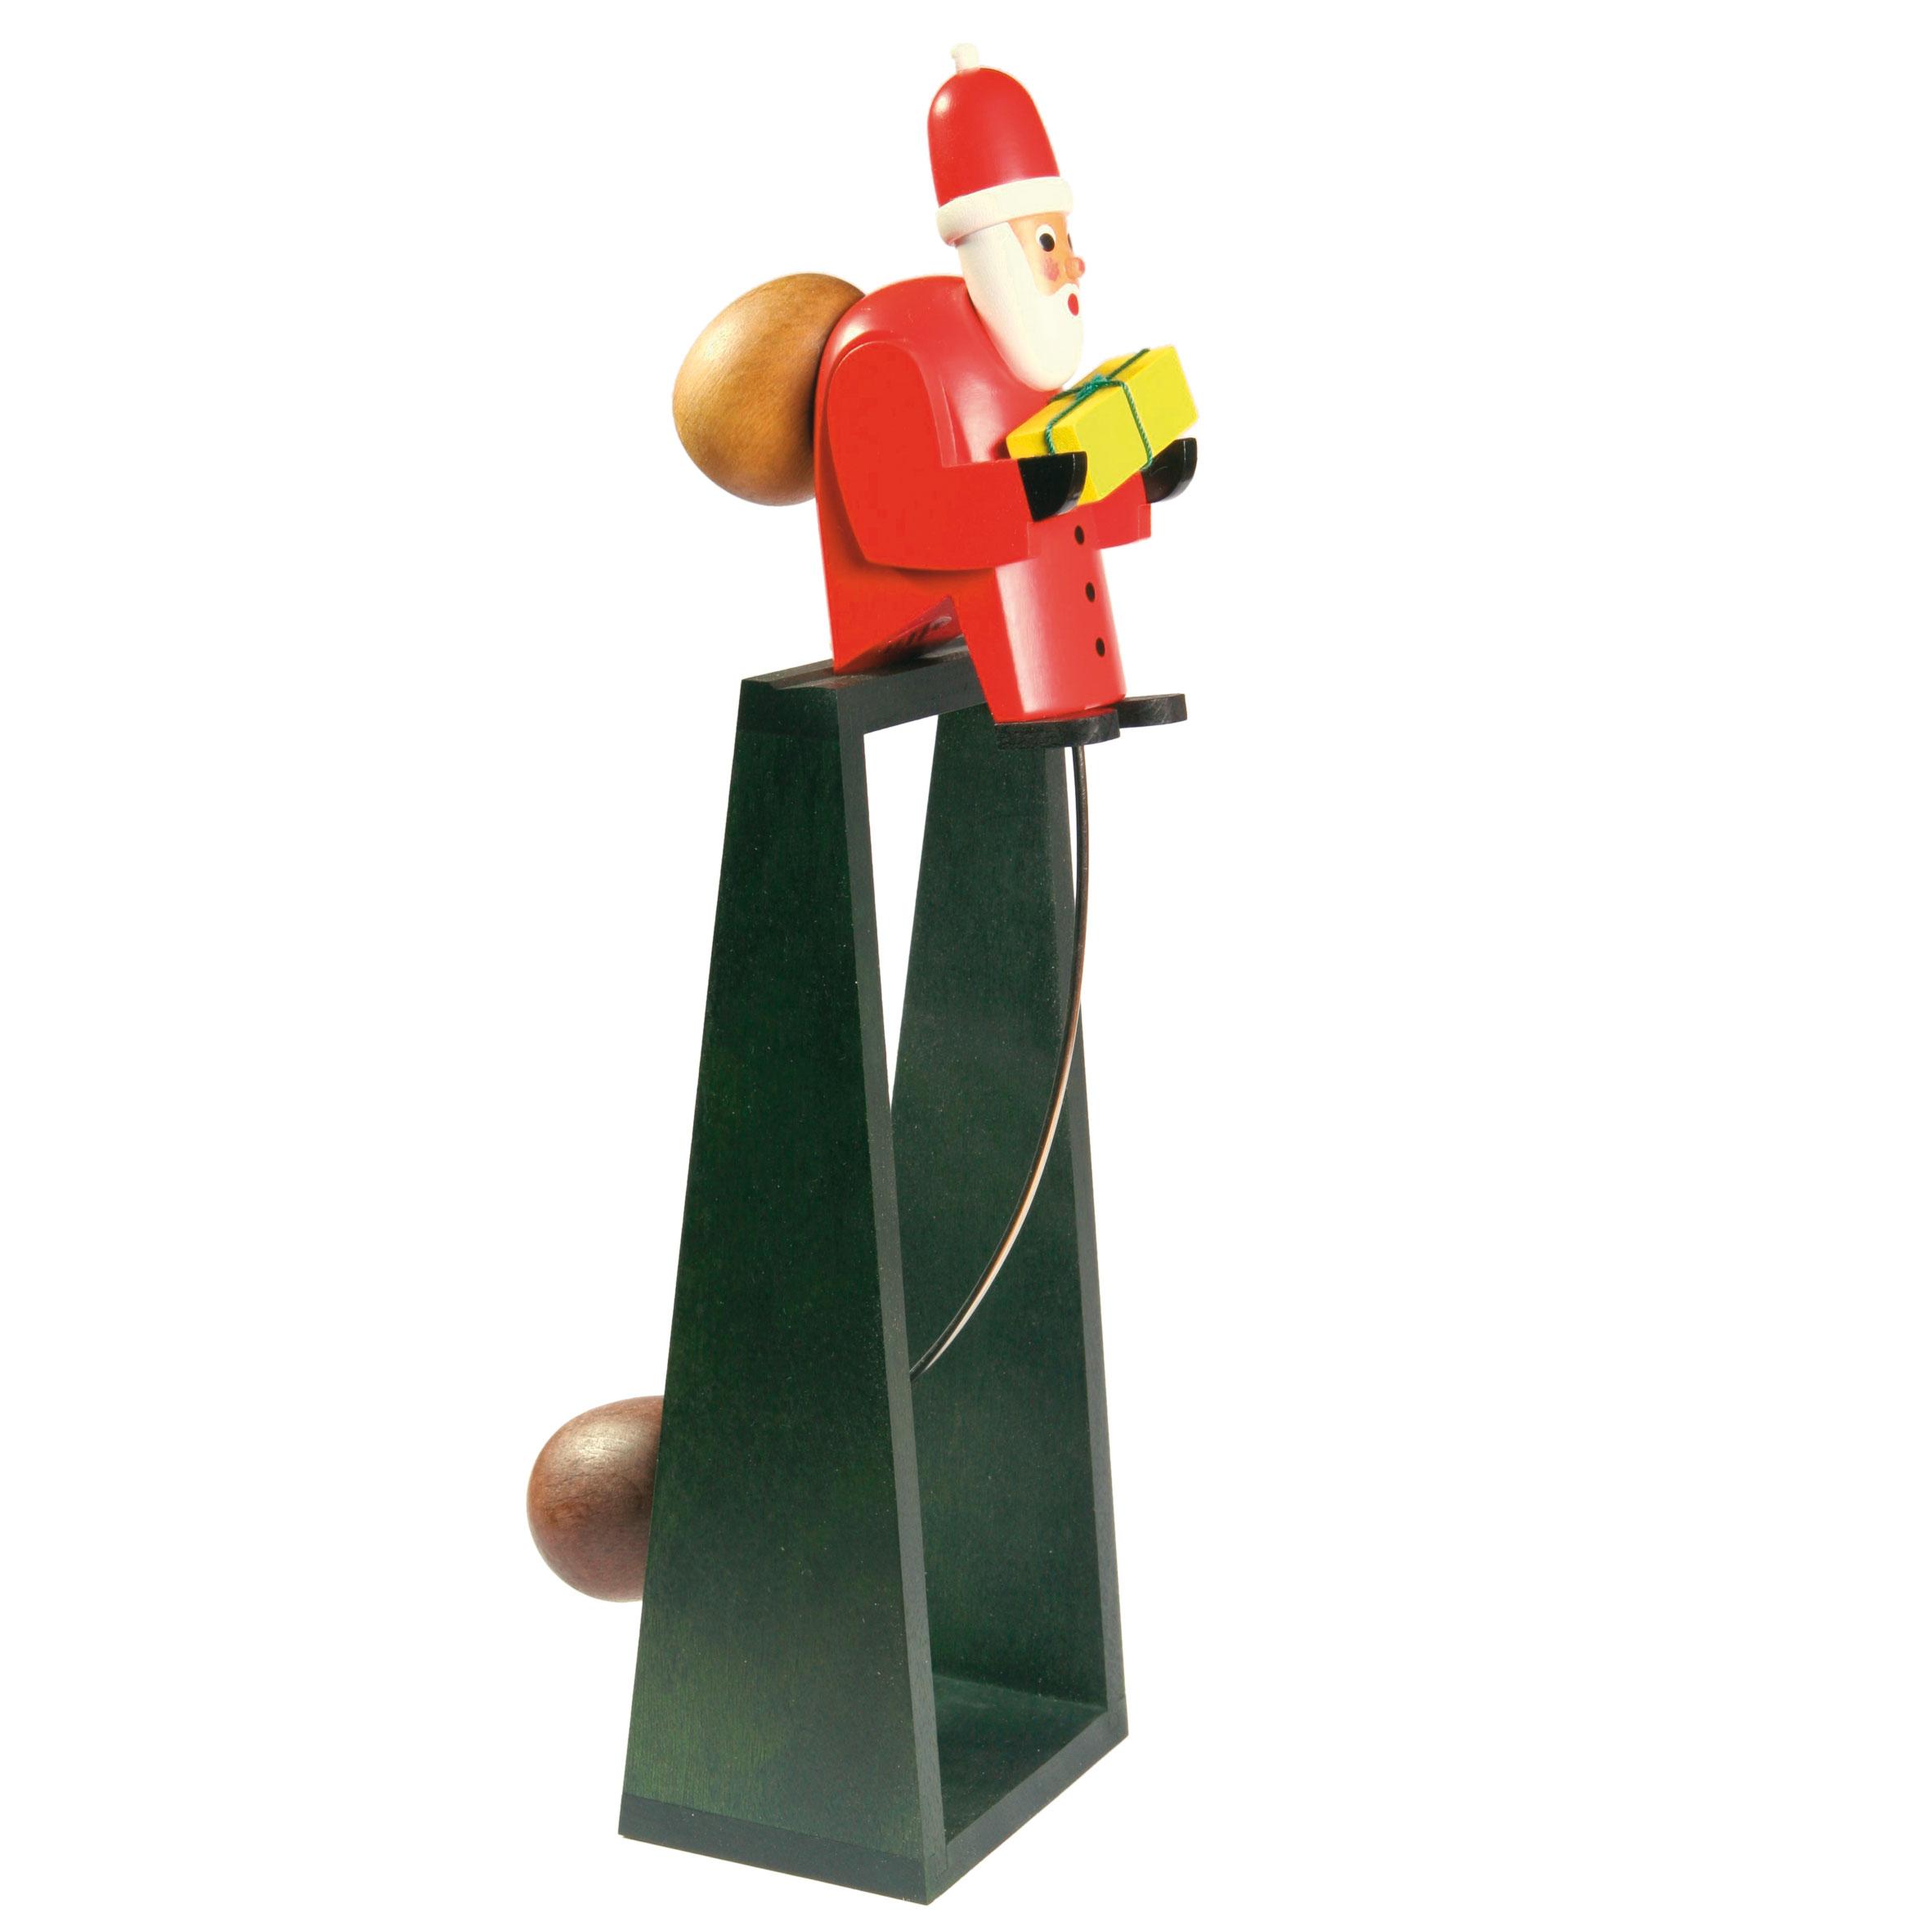 Schaukel-Weihnachtsmann mit grünem Ständer